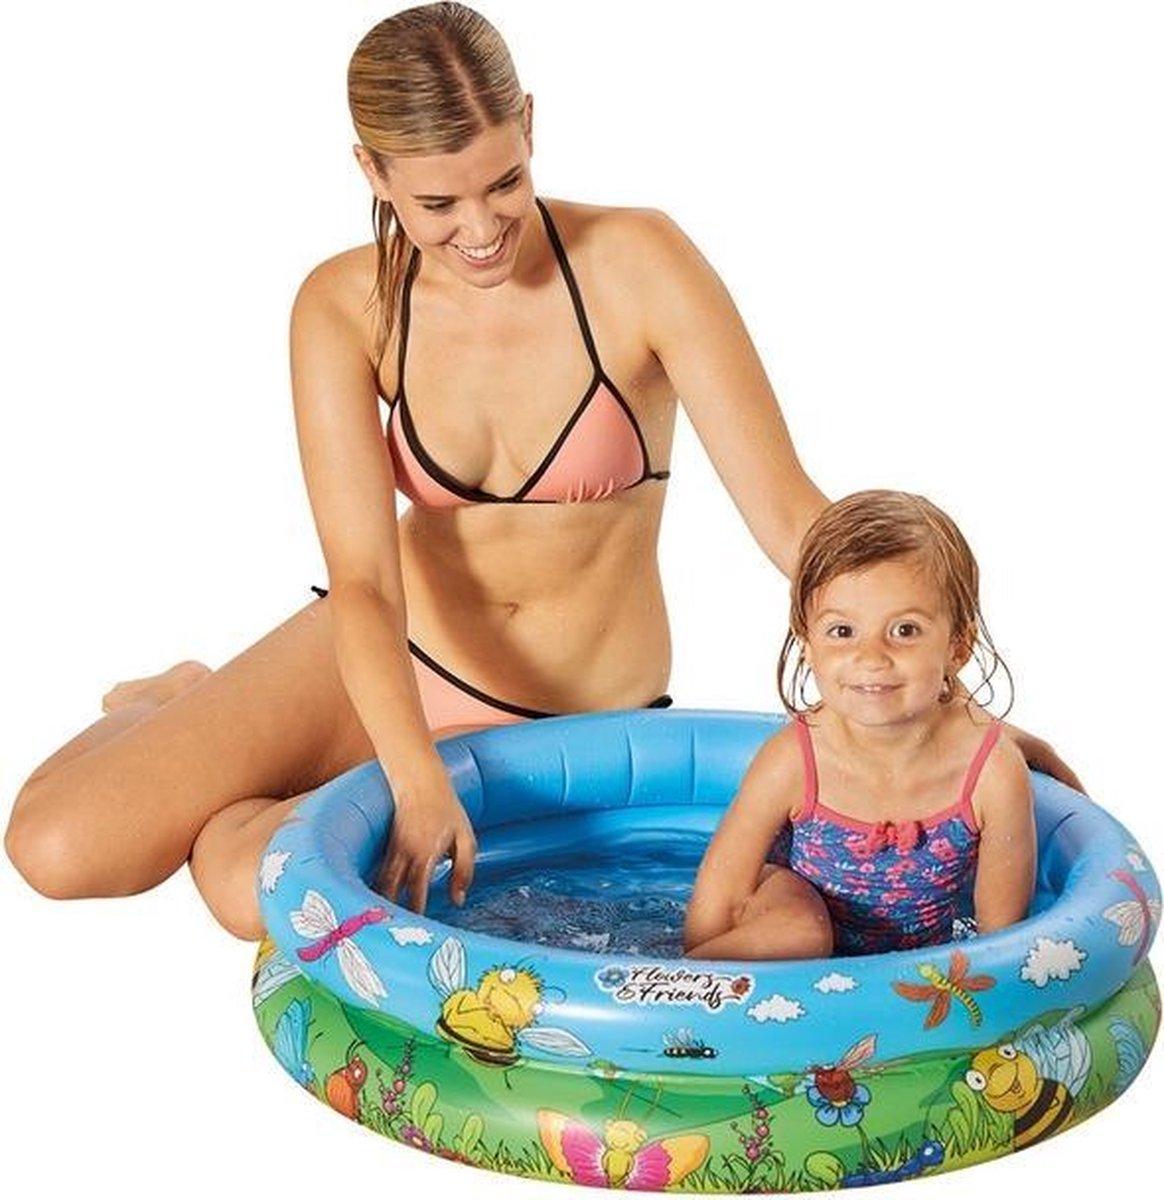 Blauw/bloemen opblaasbaar zwembad baby badje 74 x 18 cm speelgoed - Rond zwembadje - Babybadje - Douchecabine badje - Pierenbadje - Buitenspeelgoed voor kinderen